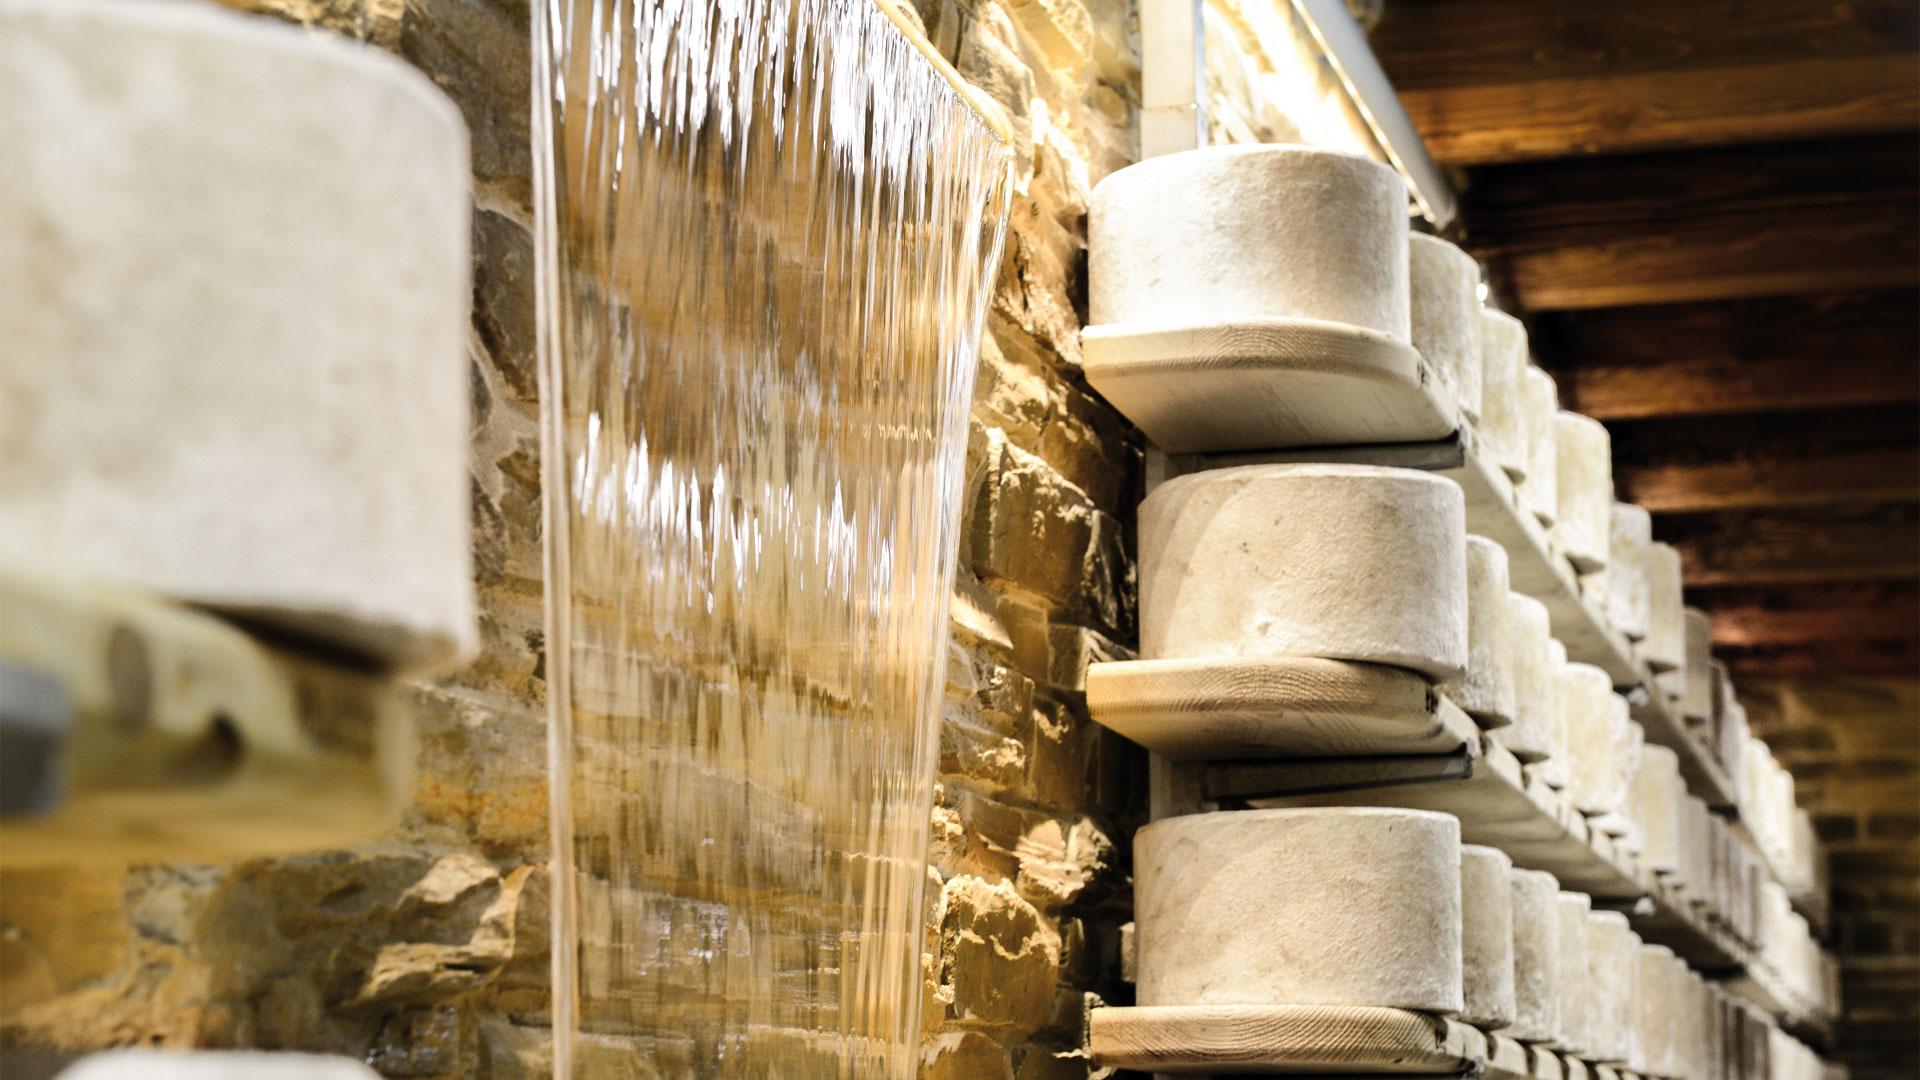 Società Agricola La Bruna : Castelmagno D'alpeggio Dop e Castelmagno  di Montagna invernale Dop prodotti  seguendo le più antiche usanze.